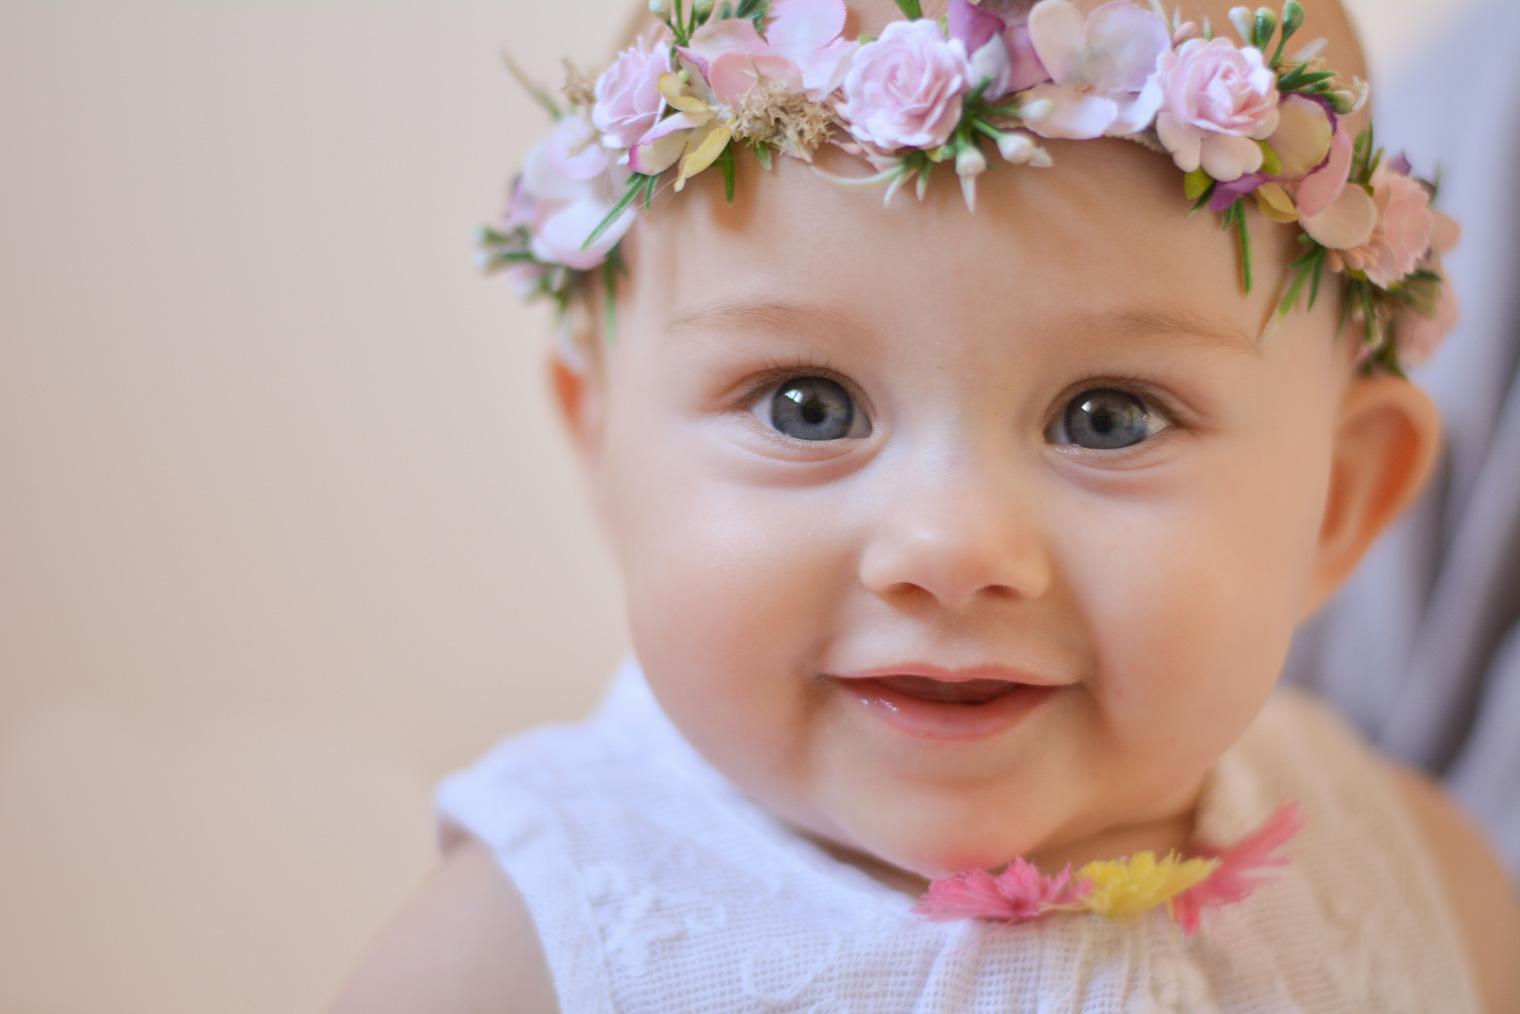 belinda lopez photo bebe enfant photographie famille grossesse nouveau-ne maternite photographe bourg-saint-maurice savoie belindalopez.fr-5